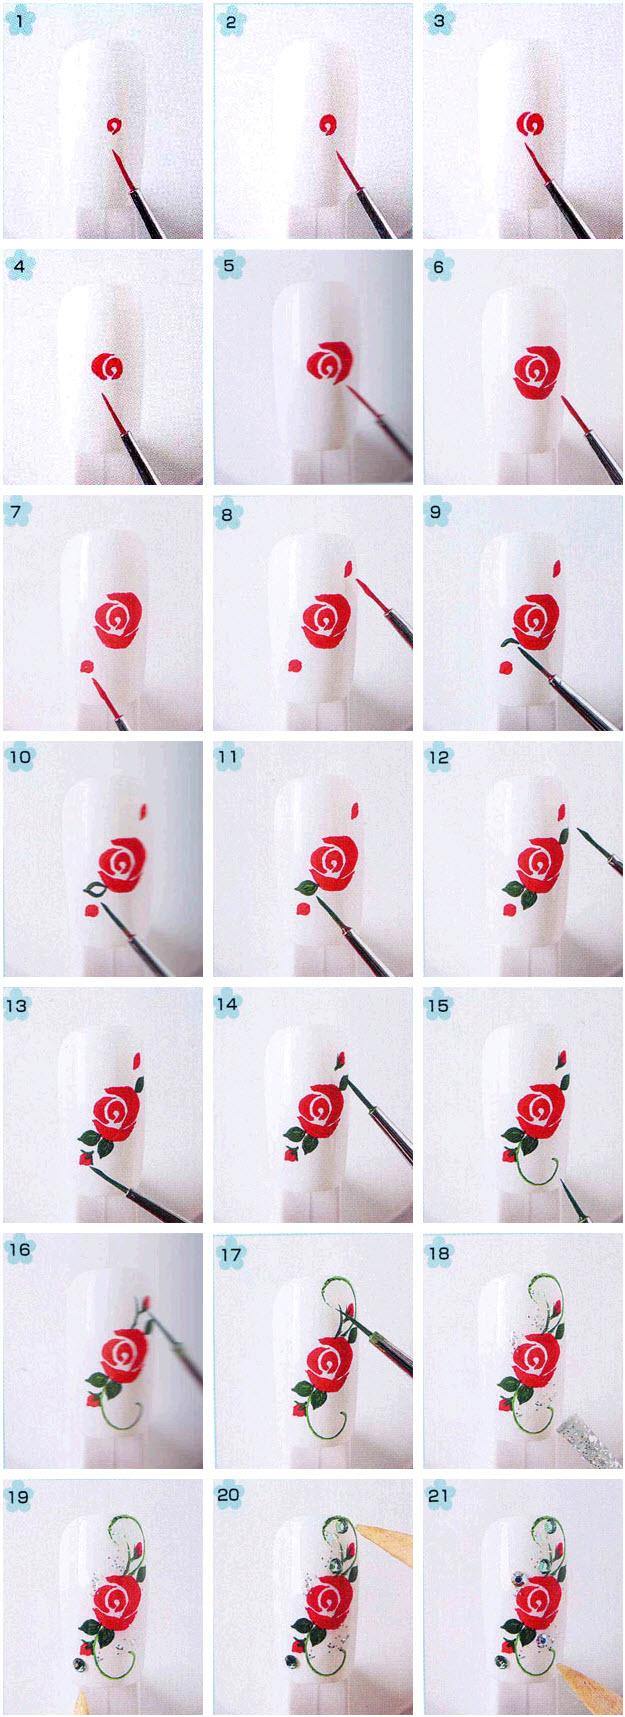 Флористические мотивы: техника рисования цветов на ногтях